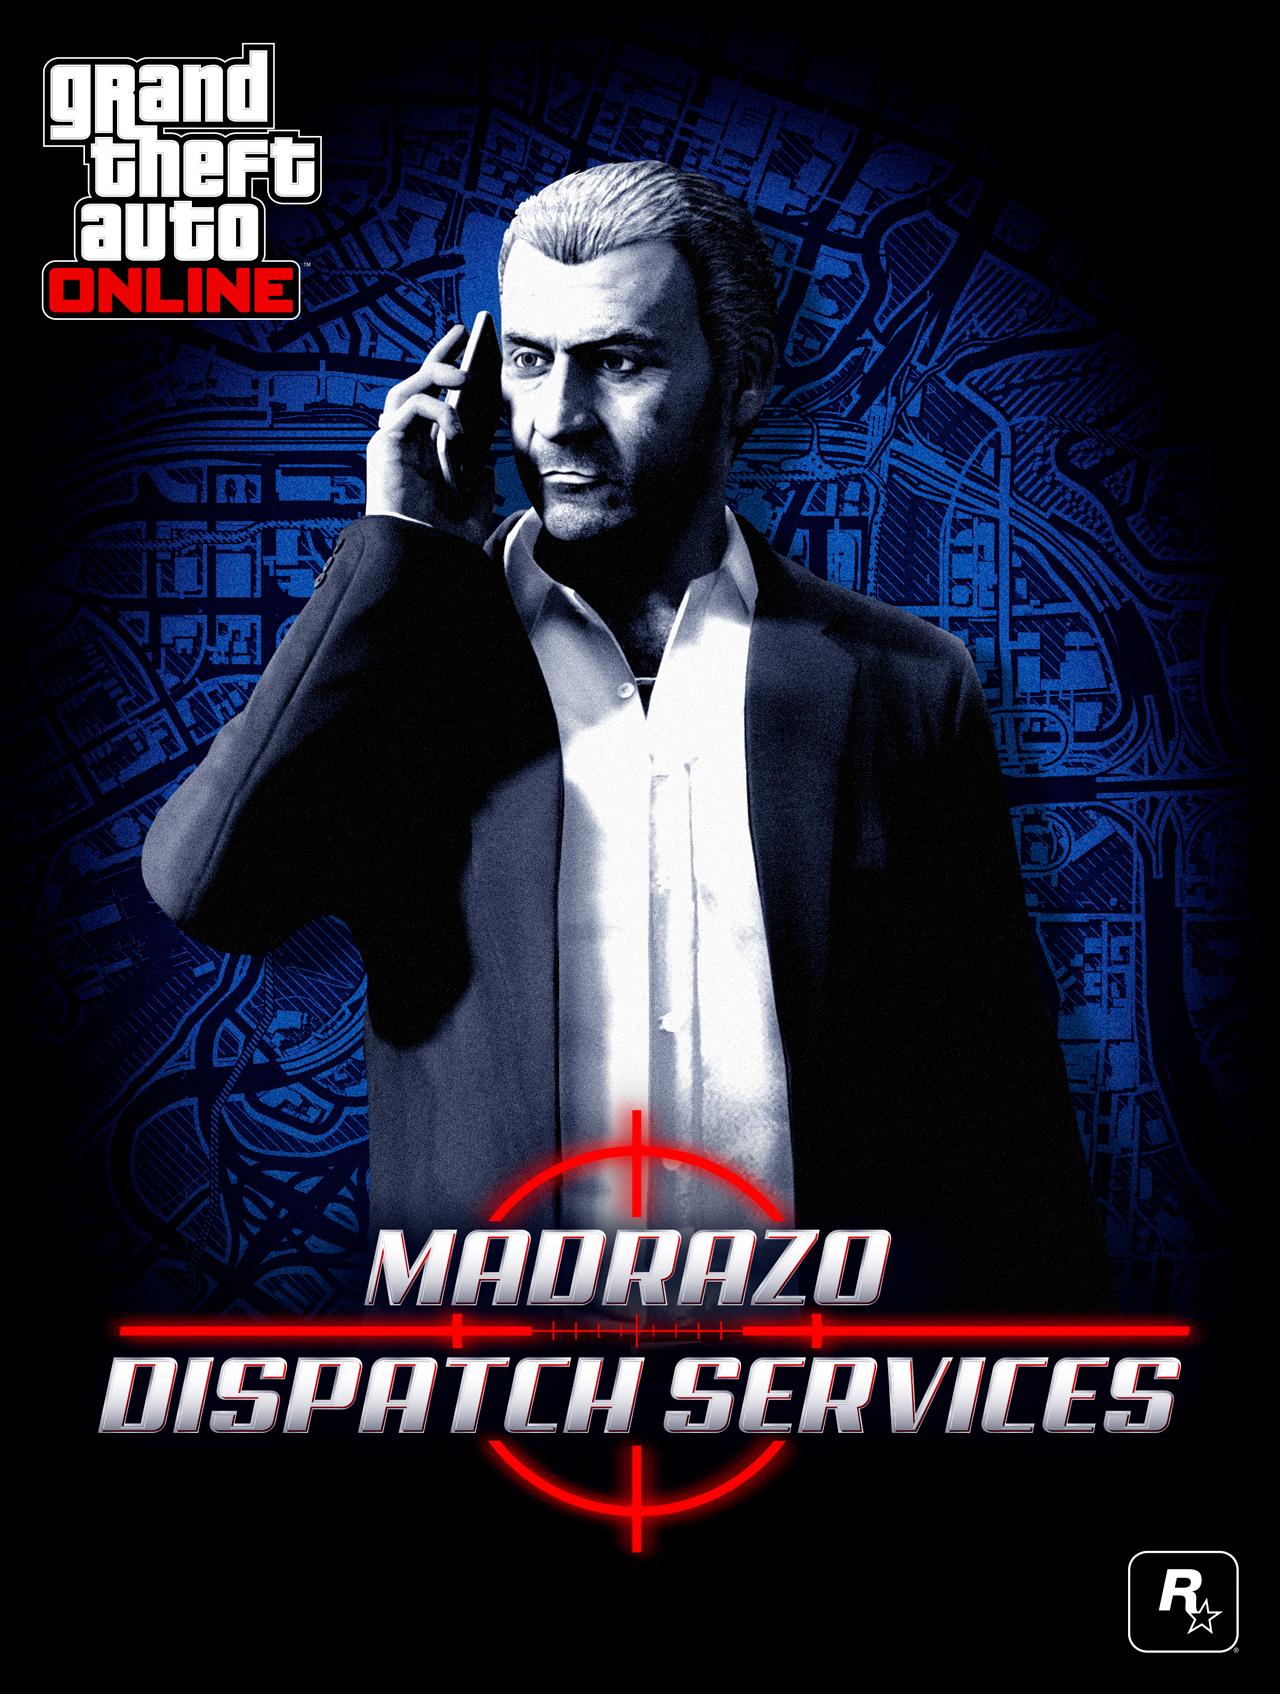 Madrazo Dispatch Services | GTA Wiki | FANDOM powered by Wikia